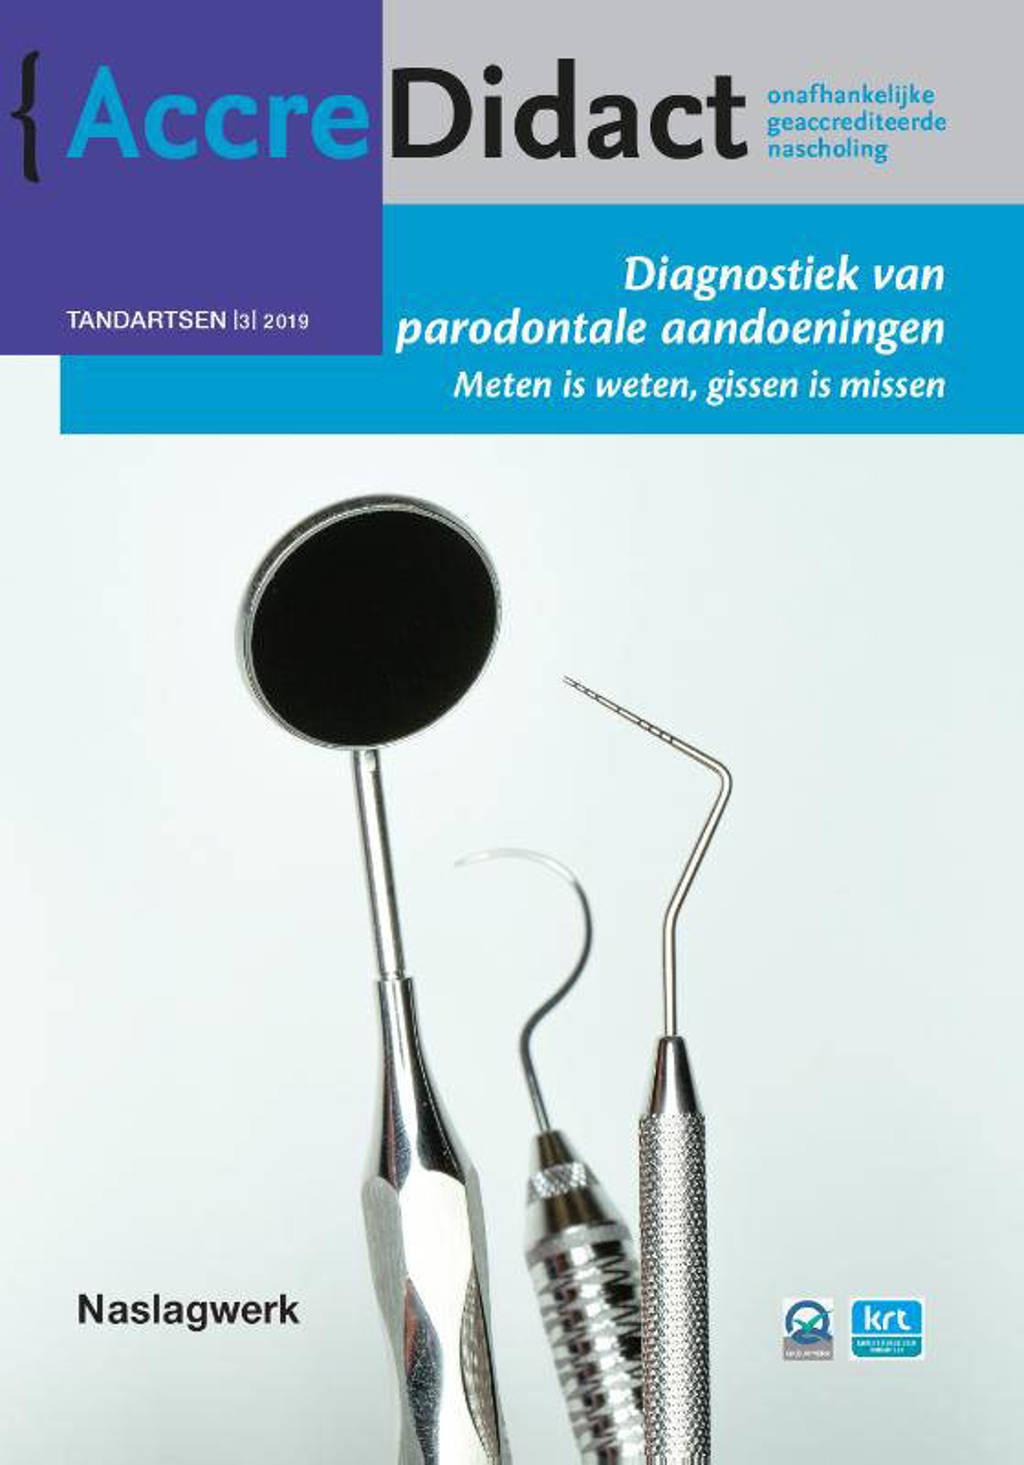 AccreDidact: Diagnostiek van parodontale aandoeningen - Fridus van der Weijden